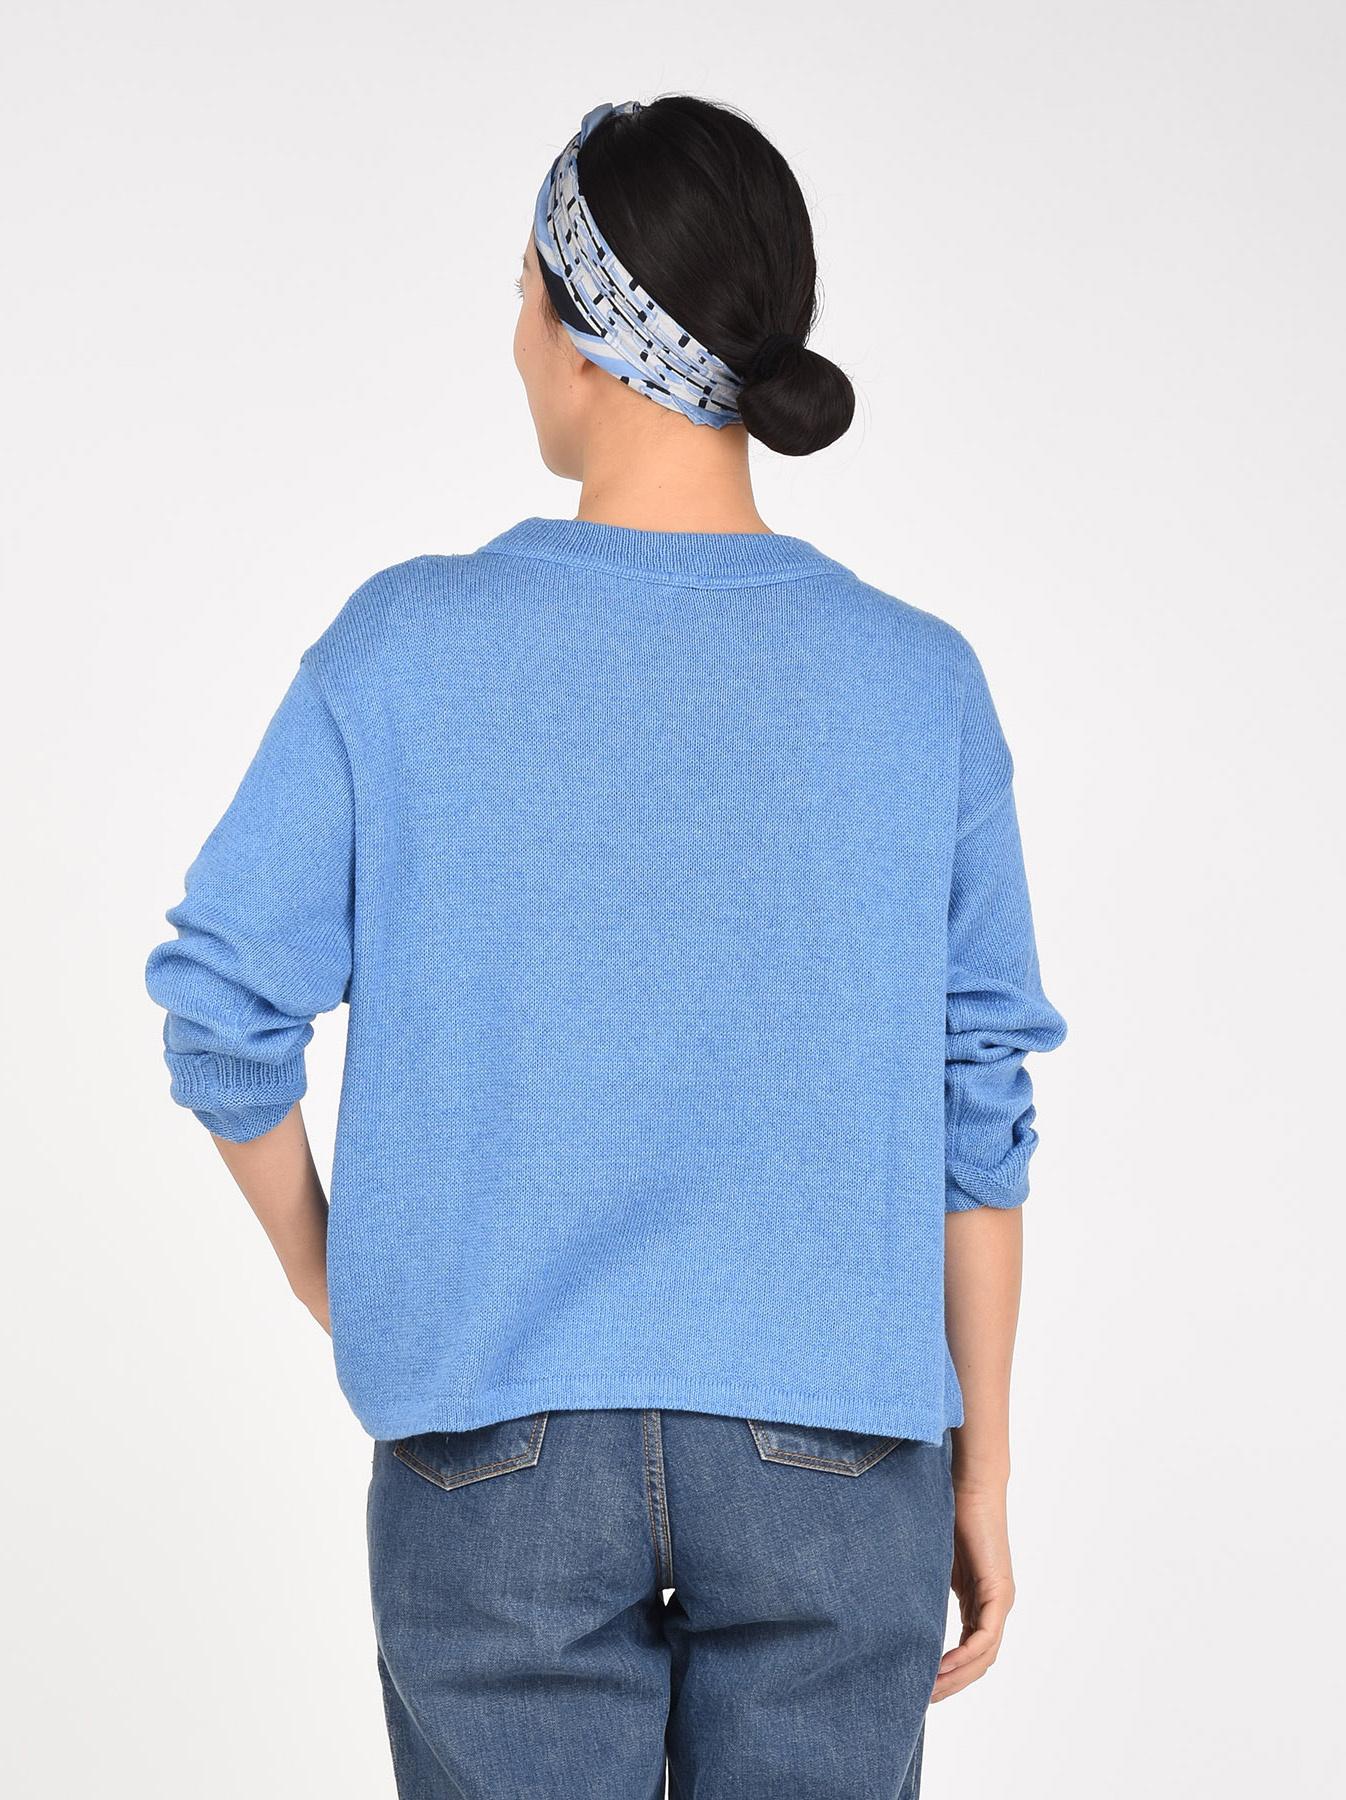 Zimbabwe Cotton Knit-sew 908 Uma Sweater-5